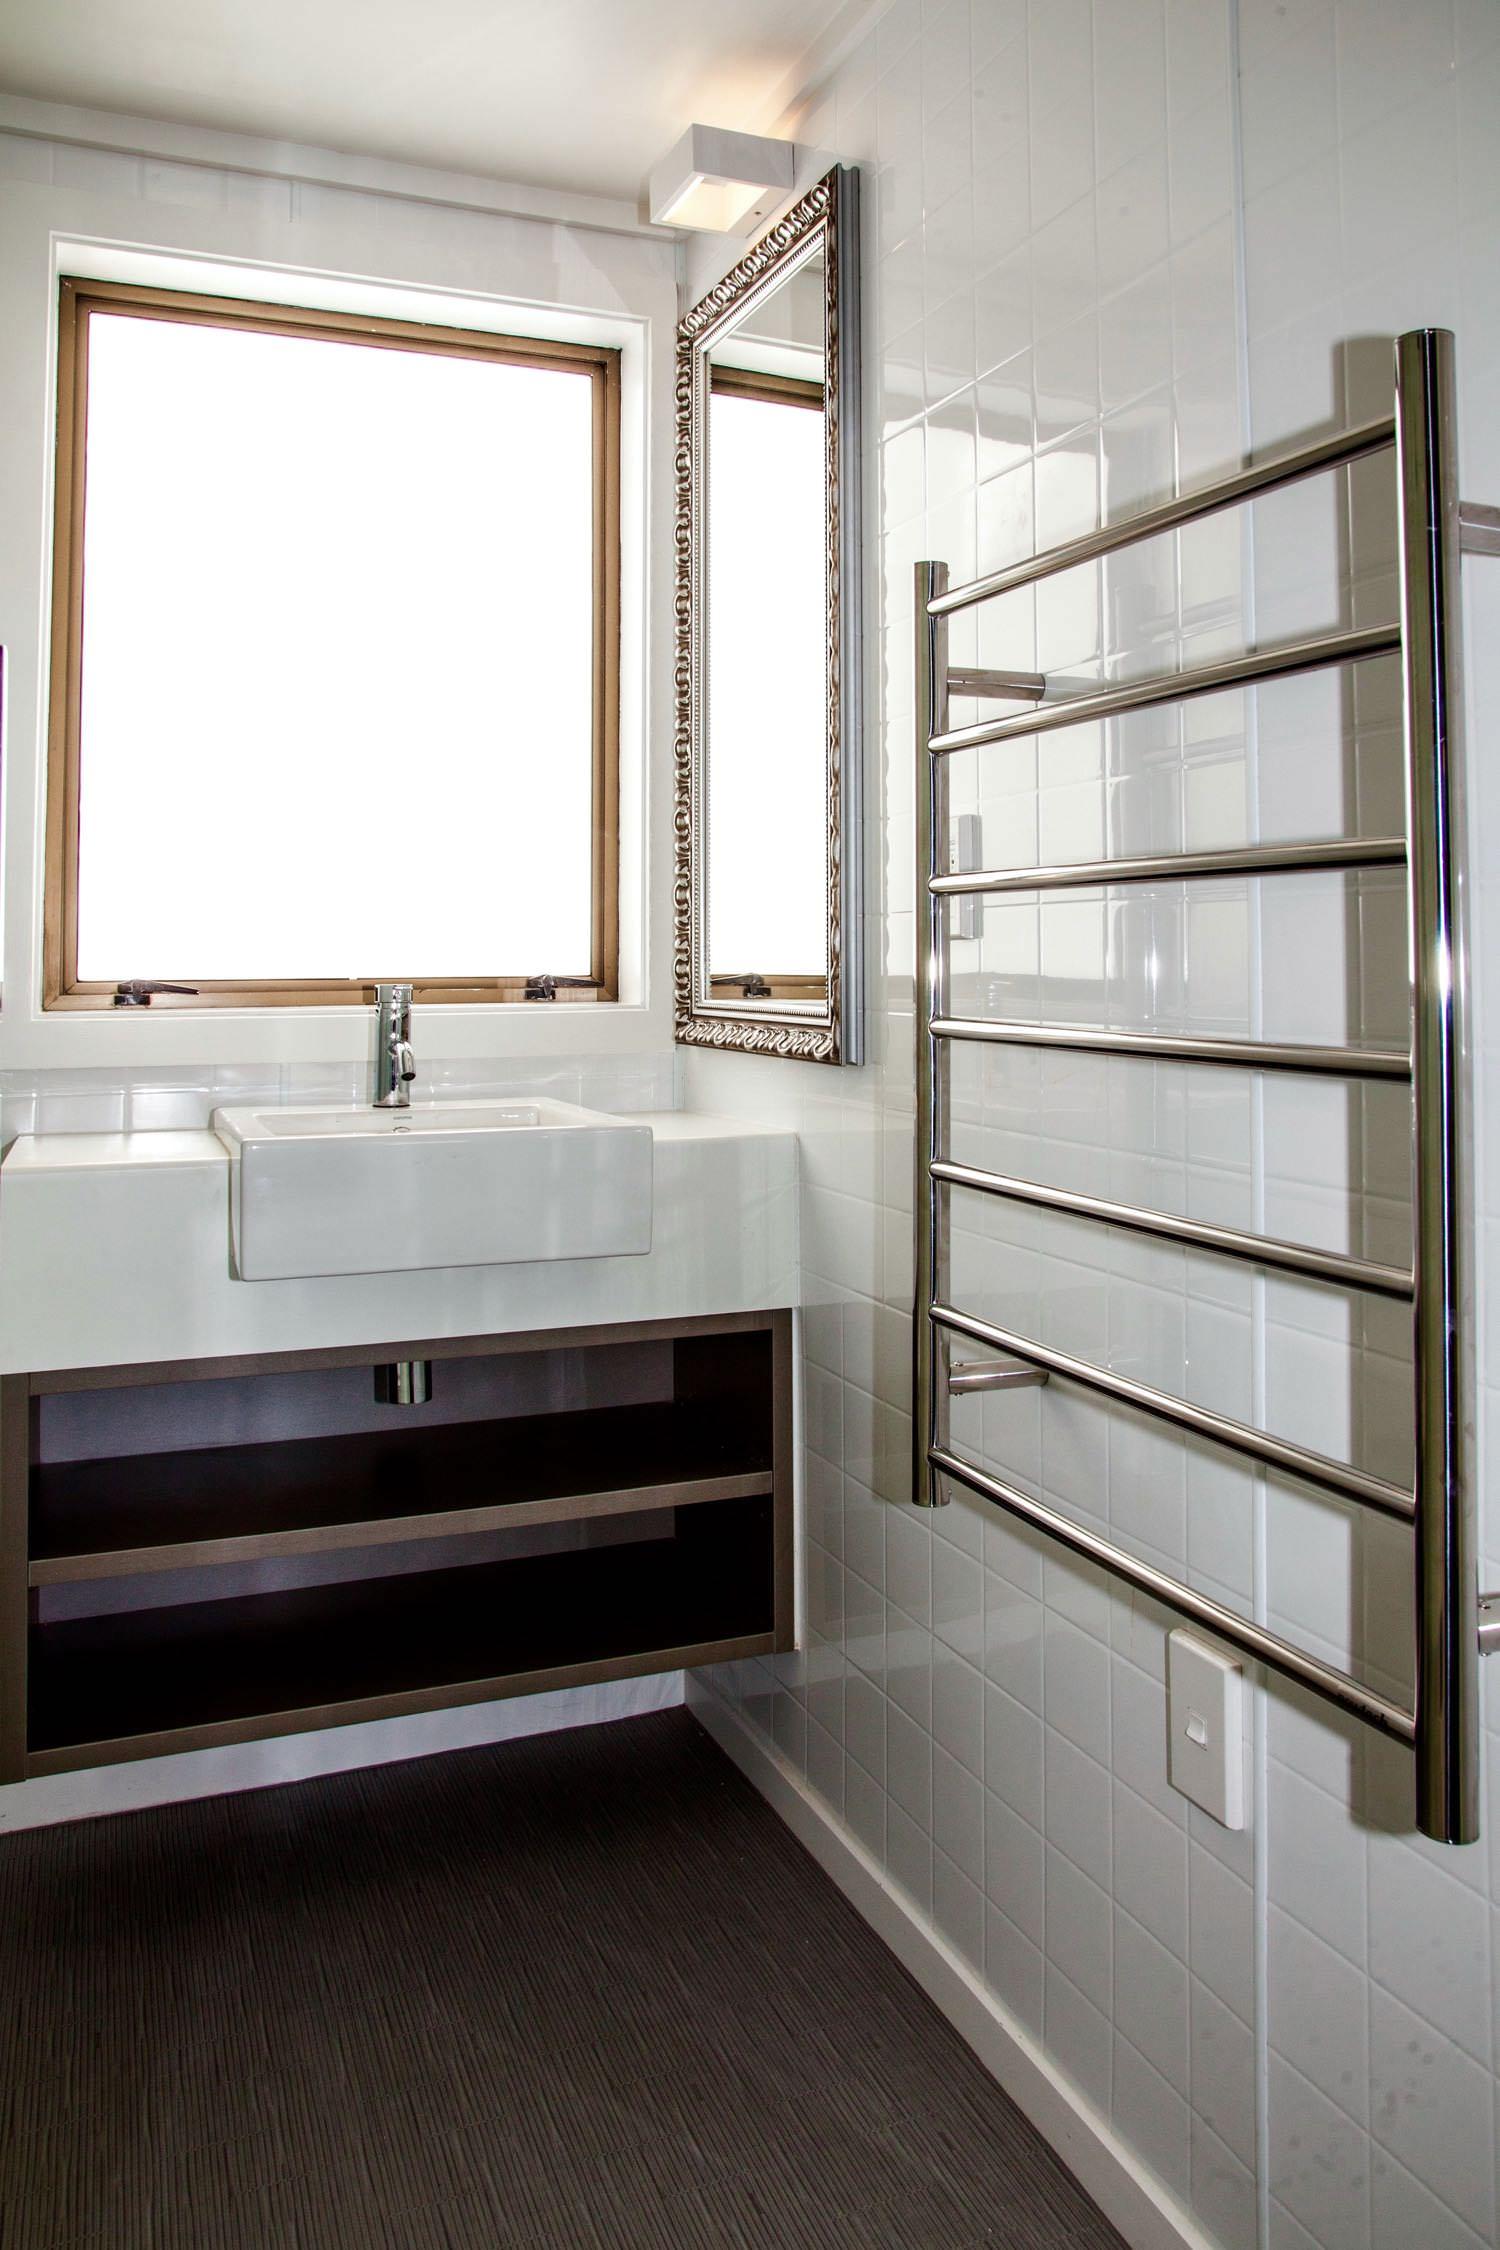 mezzanine - queen bathroom